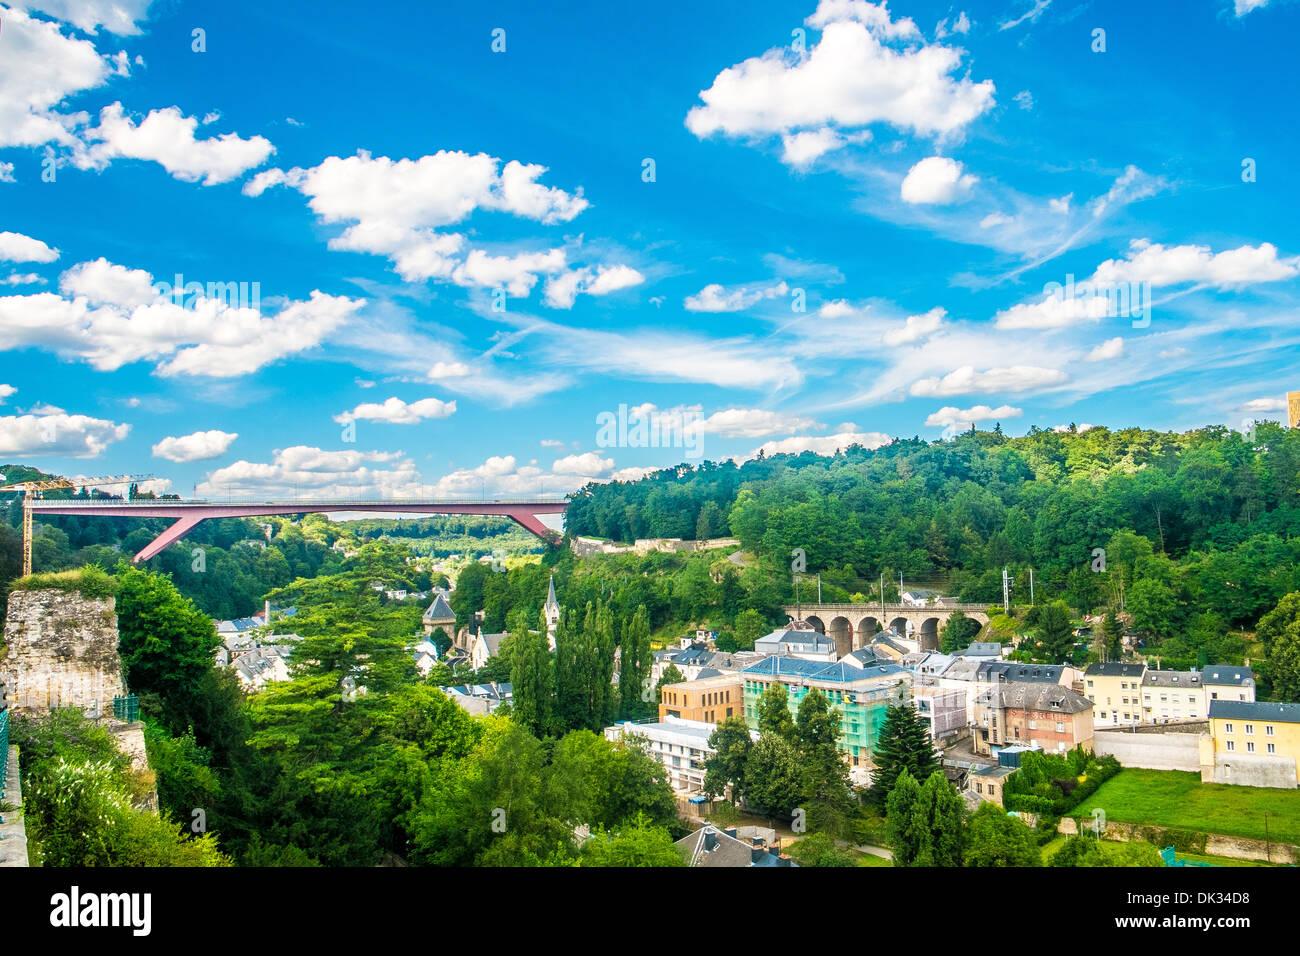 Panorama der Stadt Luxemburg mit bewölktem Himmel Stockbild